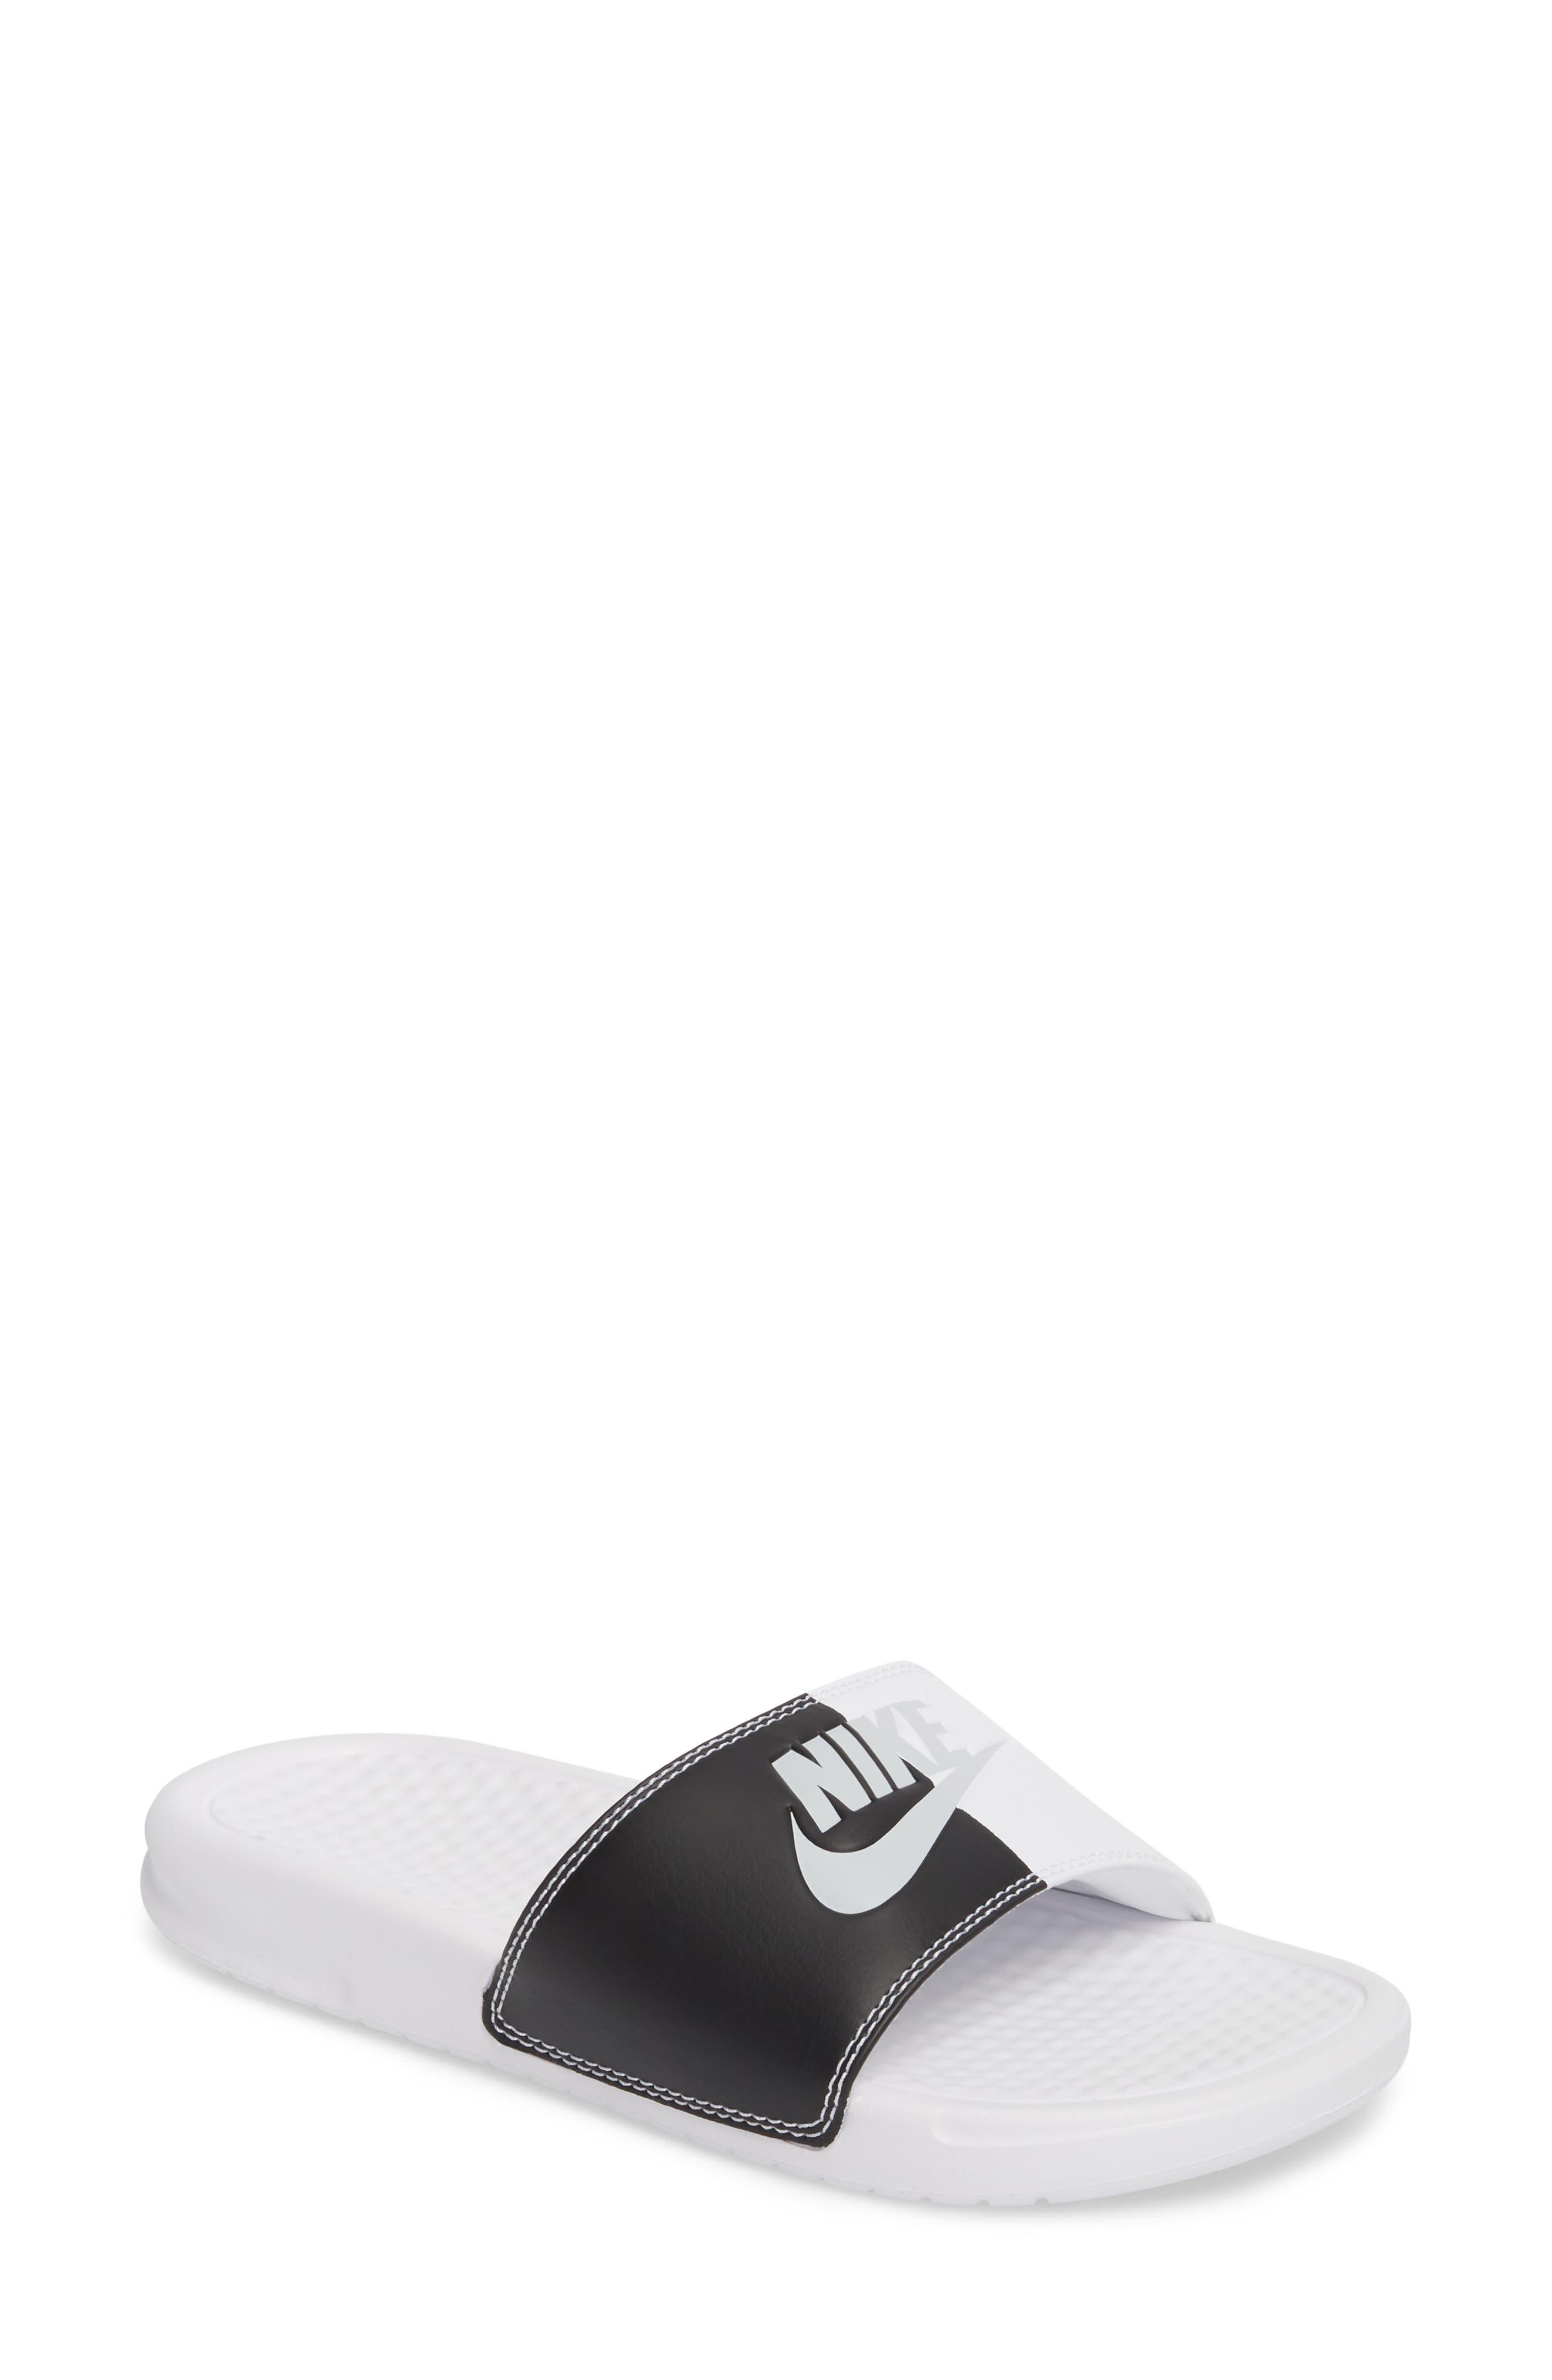 Benassi JDI Slide Sandal,                         Main,                         color, White/ Pure Platinum